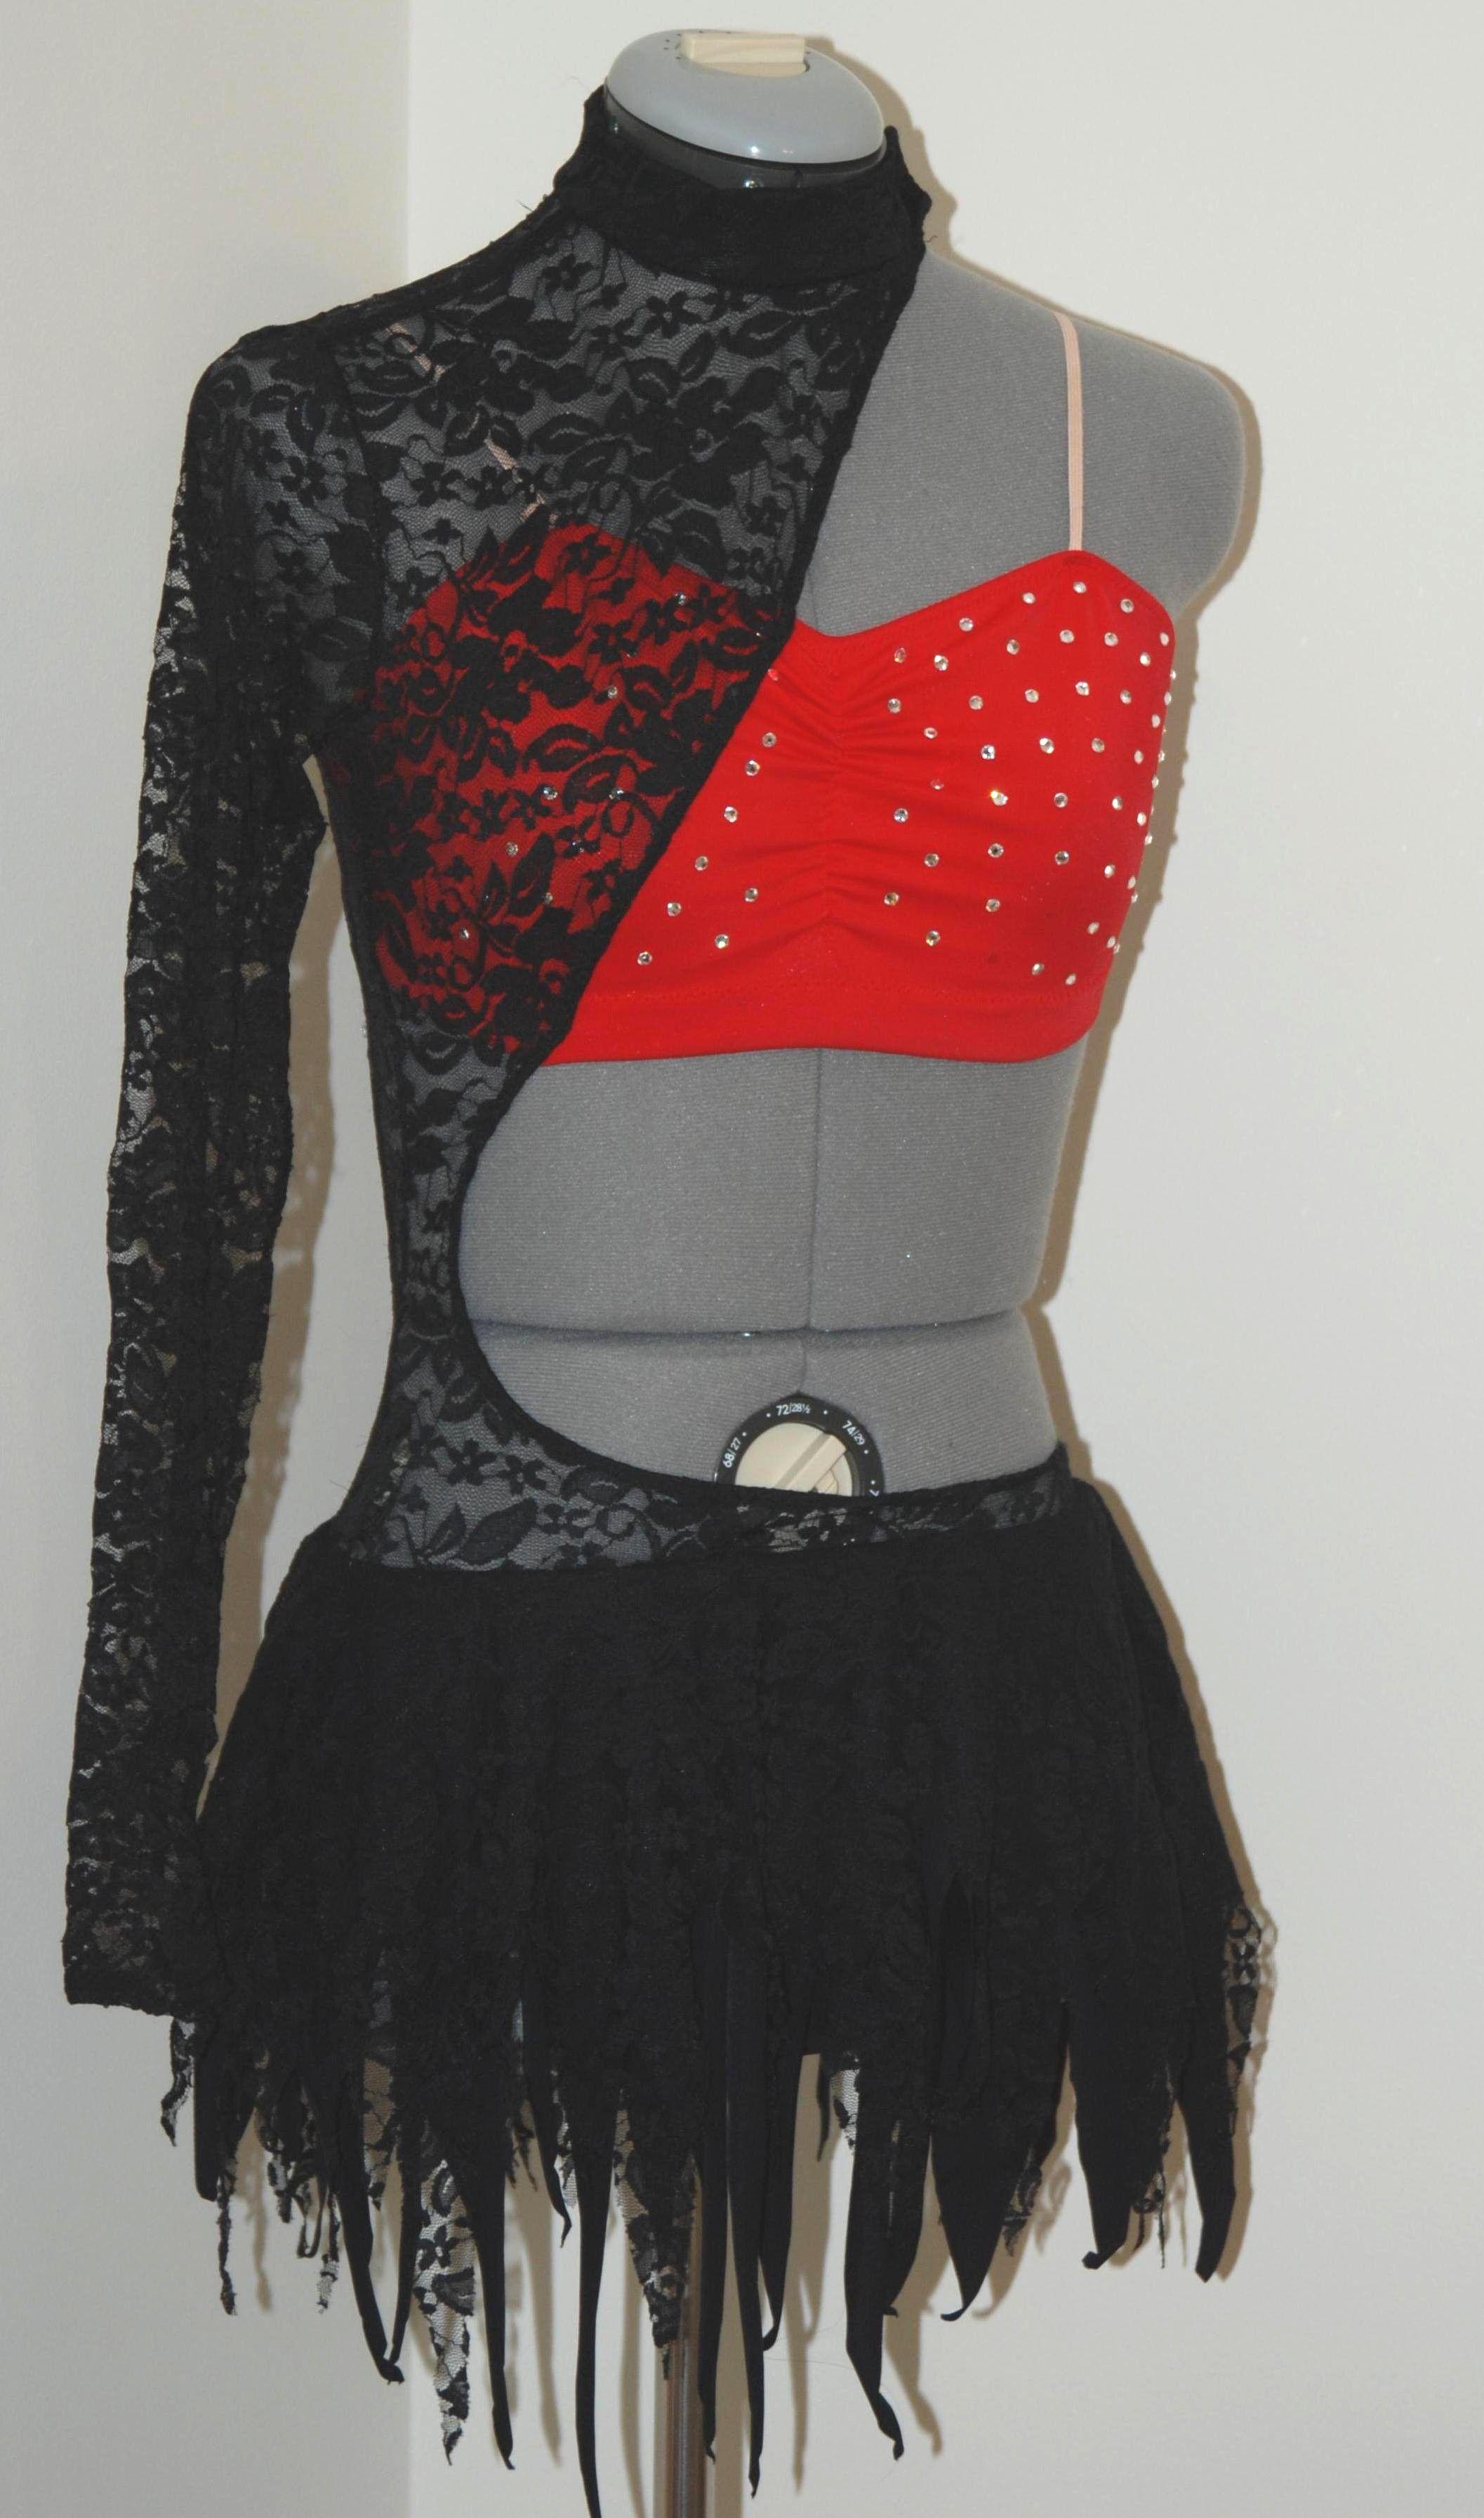 f225e479ca367 Purchase at www.glitzagain.com Used Competitive Dance Costumes, Red, Black  Lace, Rhinestones, Glitz, Glitter, Fun, Girly, Dancer, Contemporary, Lyrical